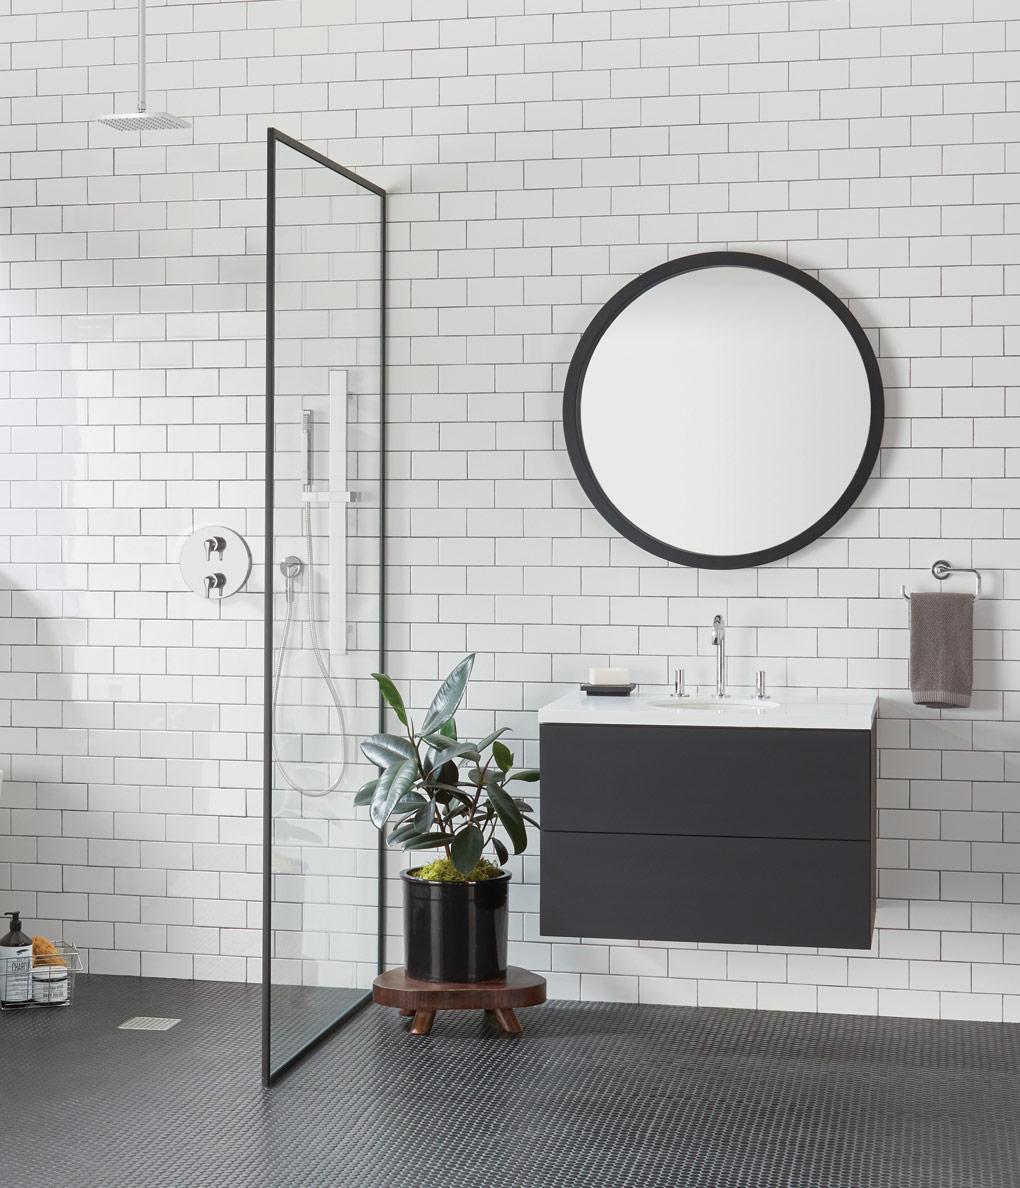 Urban Bath | Espejo Redondo con marco negro | Especial Baños Pequeños | Tendencias Reformas 2019 | Drékaro